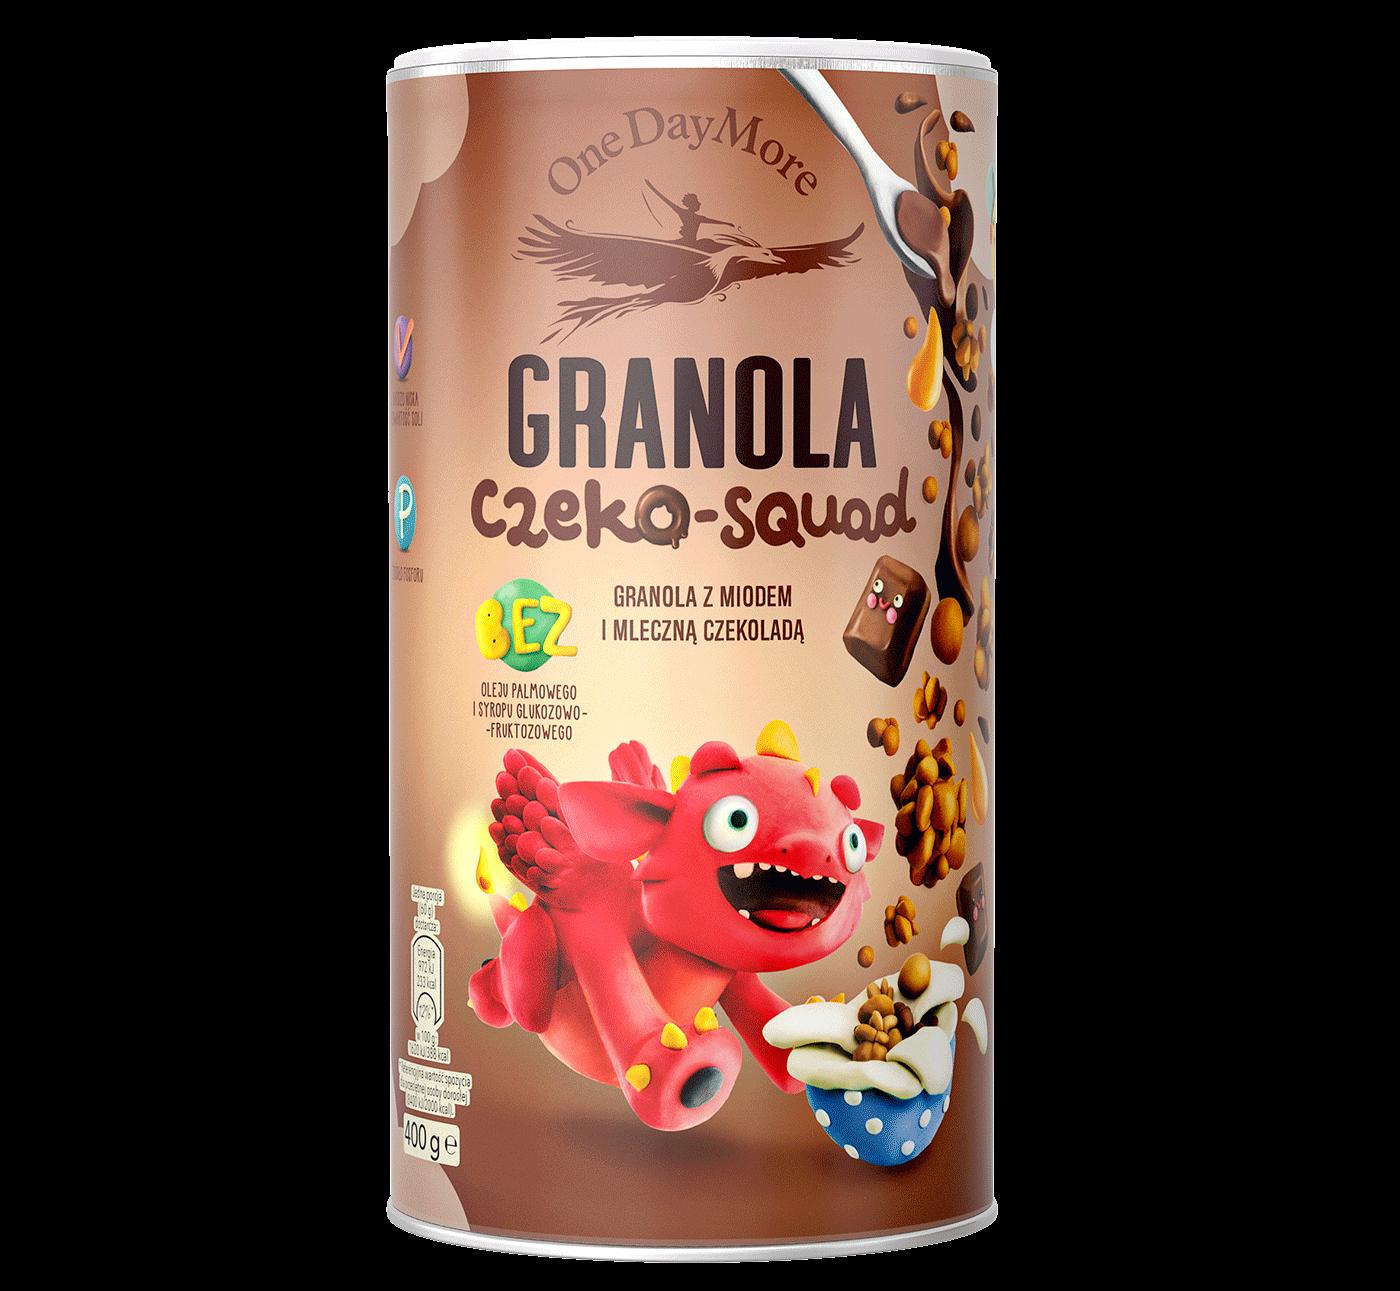 granola-czeko-squad-onedaymore-tuba-front-1400×1291